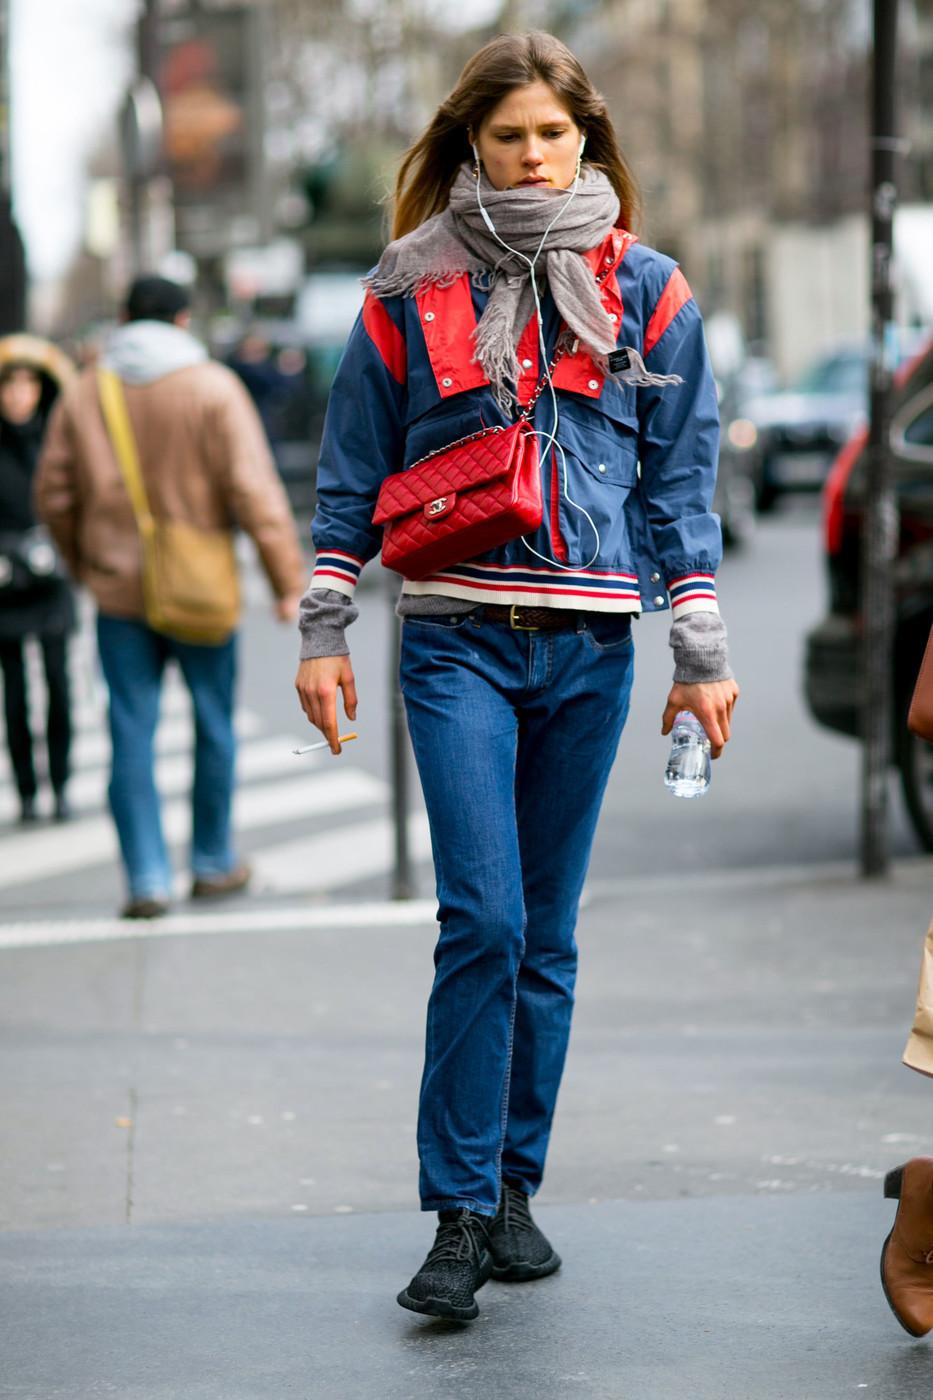 Street Style: Caroline Brasch Nielsen's '90s Sporty Look